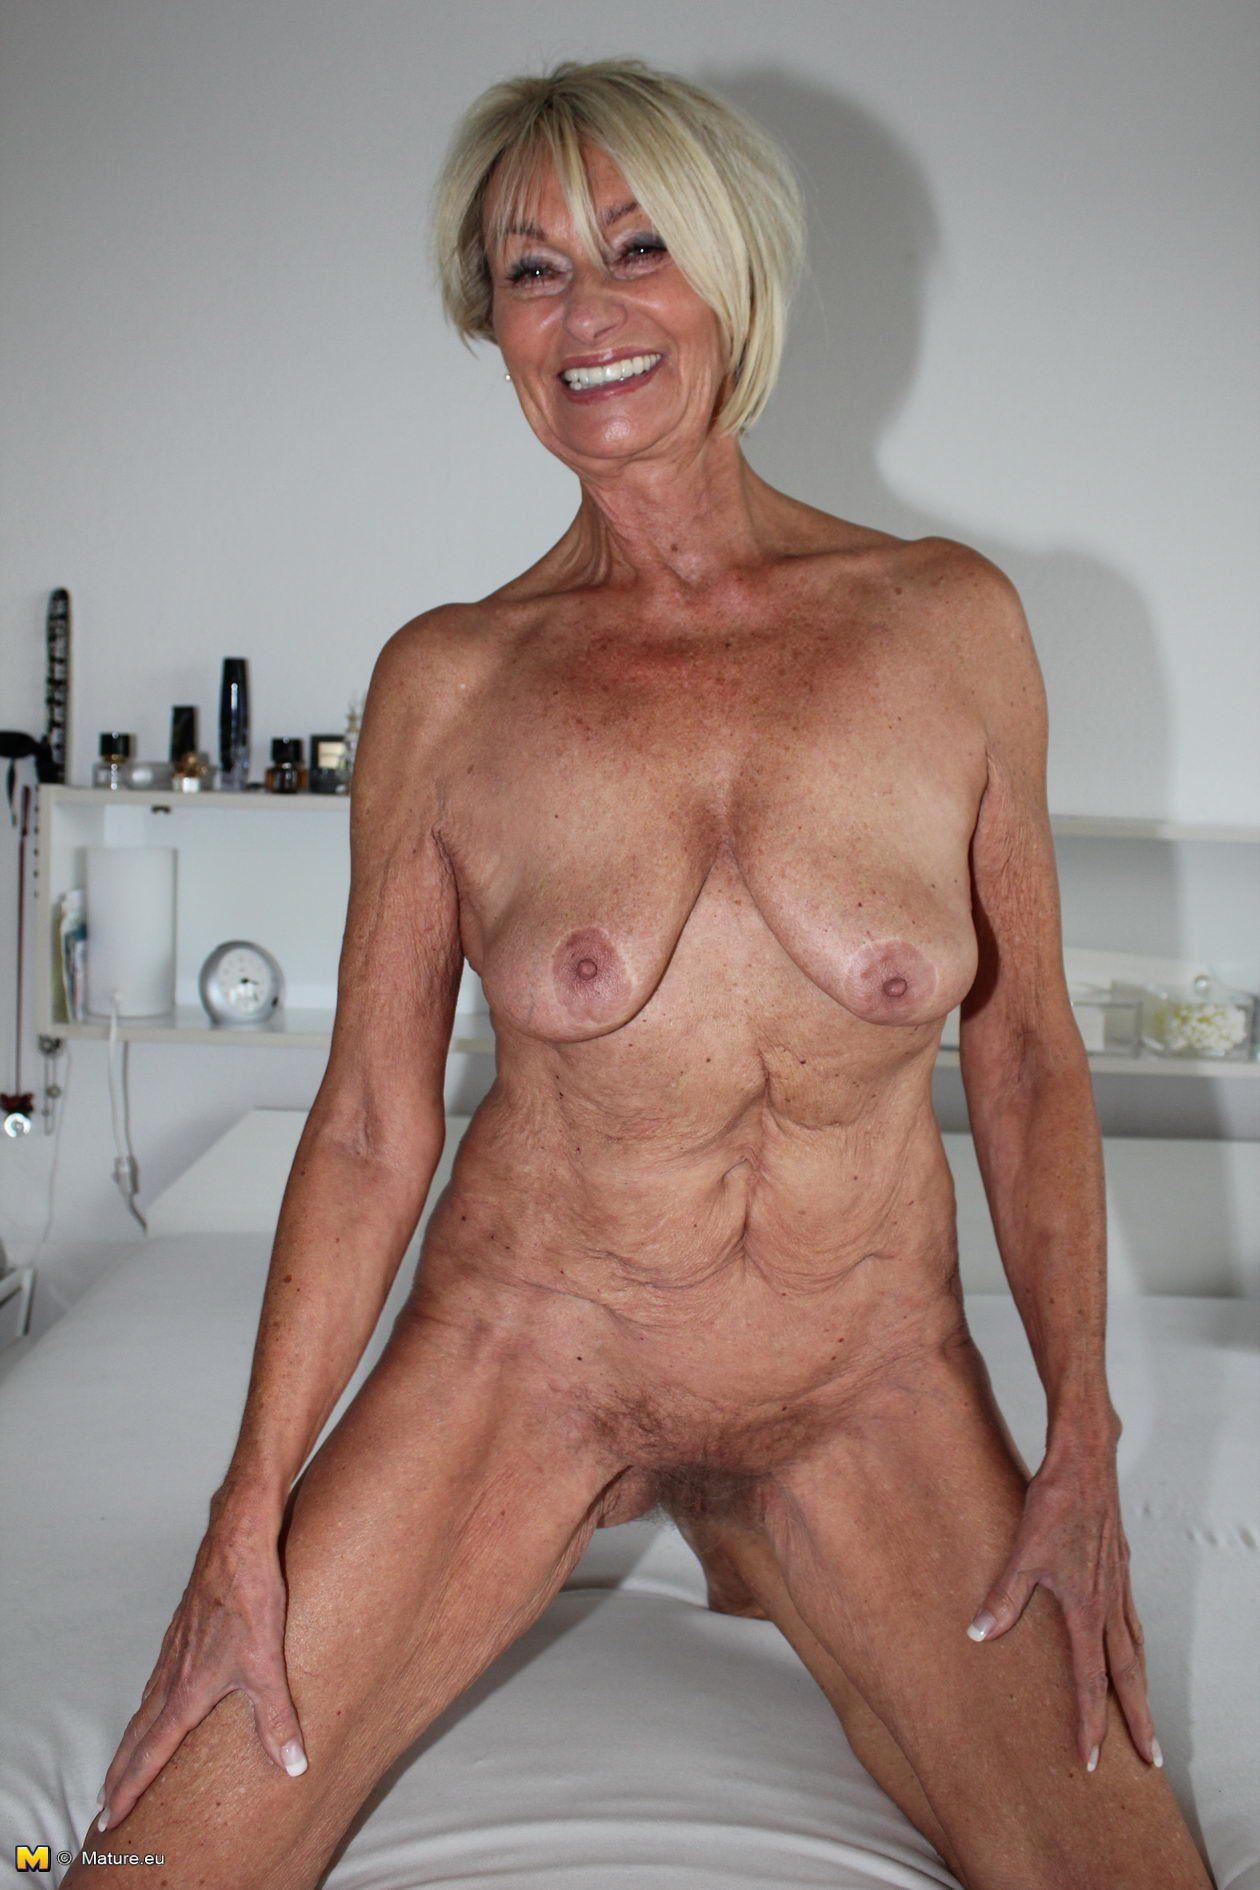 70 Porn free mature sex over 70 - xxx sex images. comments: 2